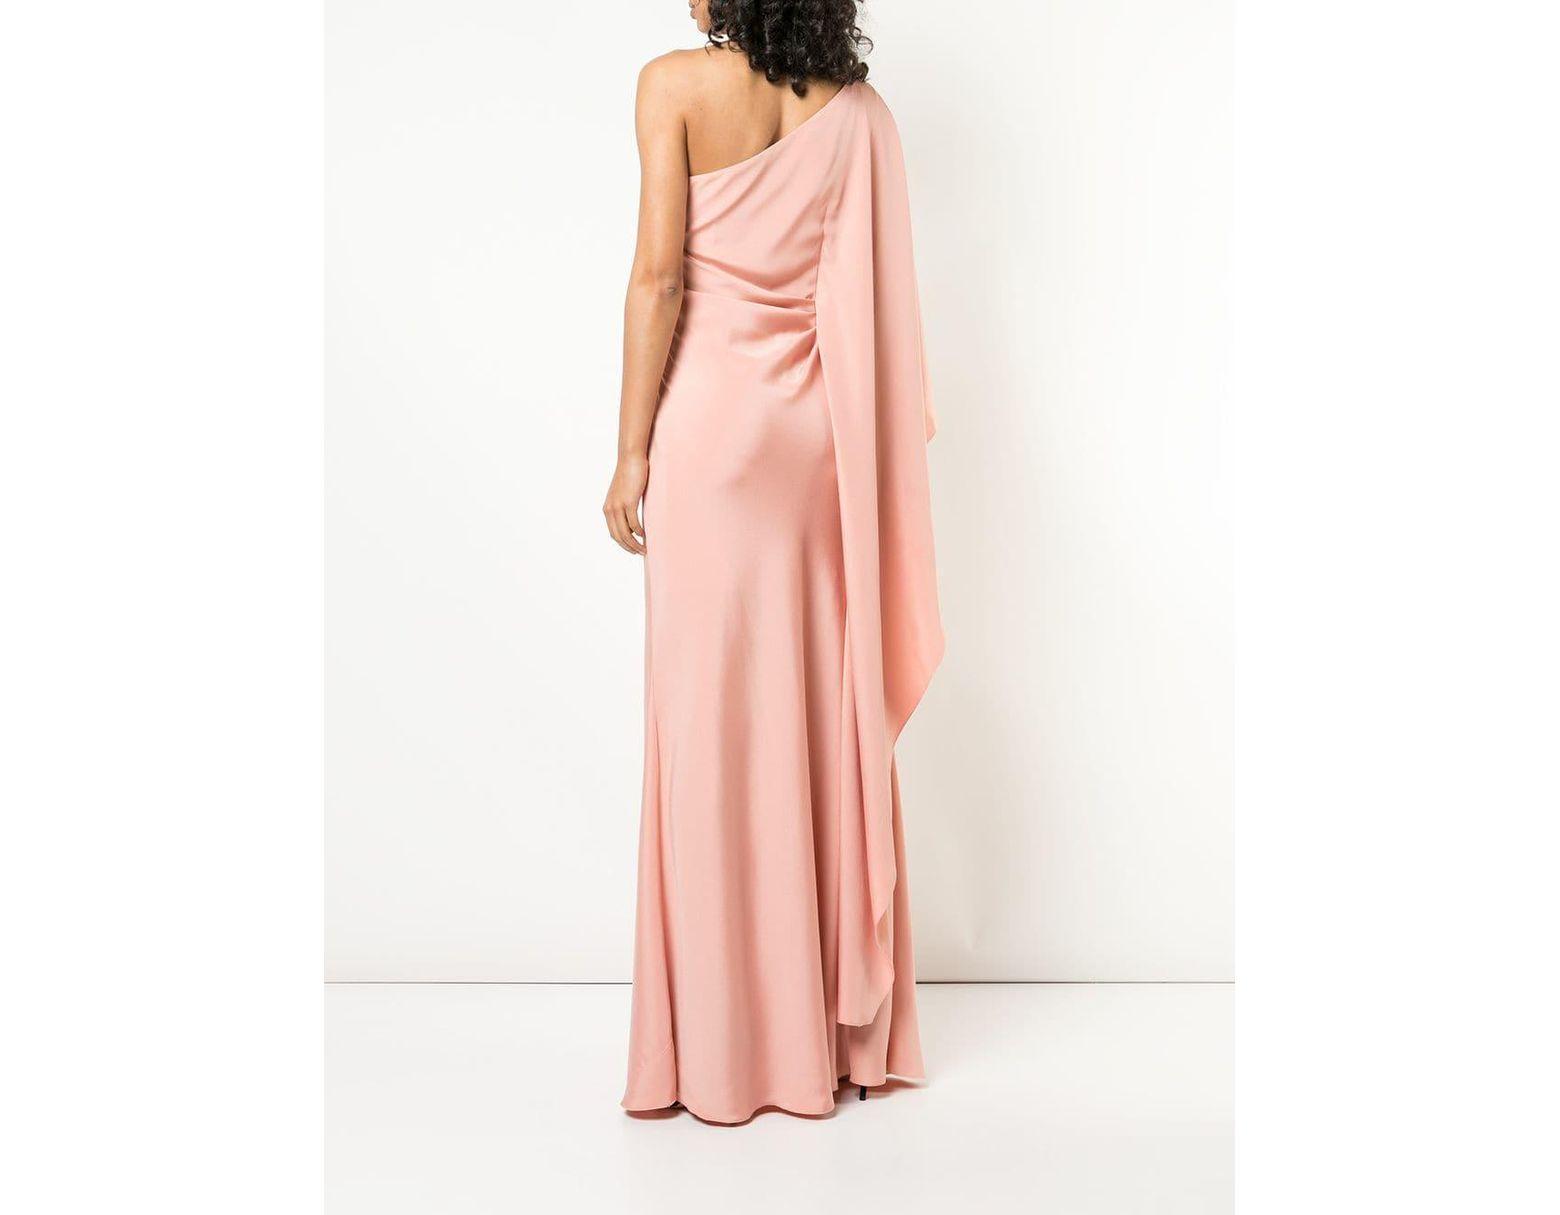 4981a2e1583 Alberta Ferretti One-shoulder Gown in Pink - Lyst